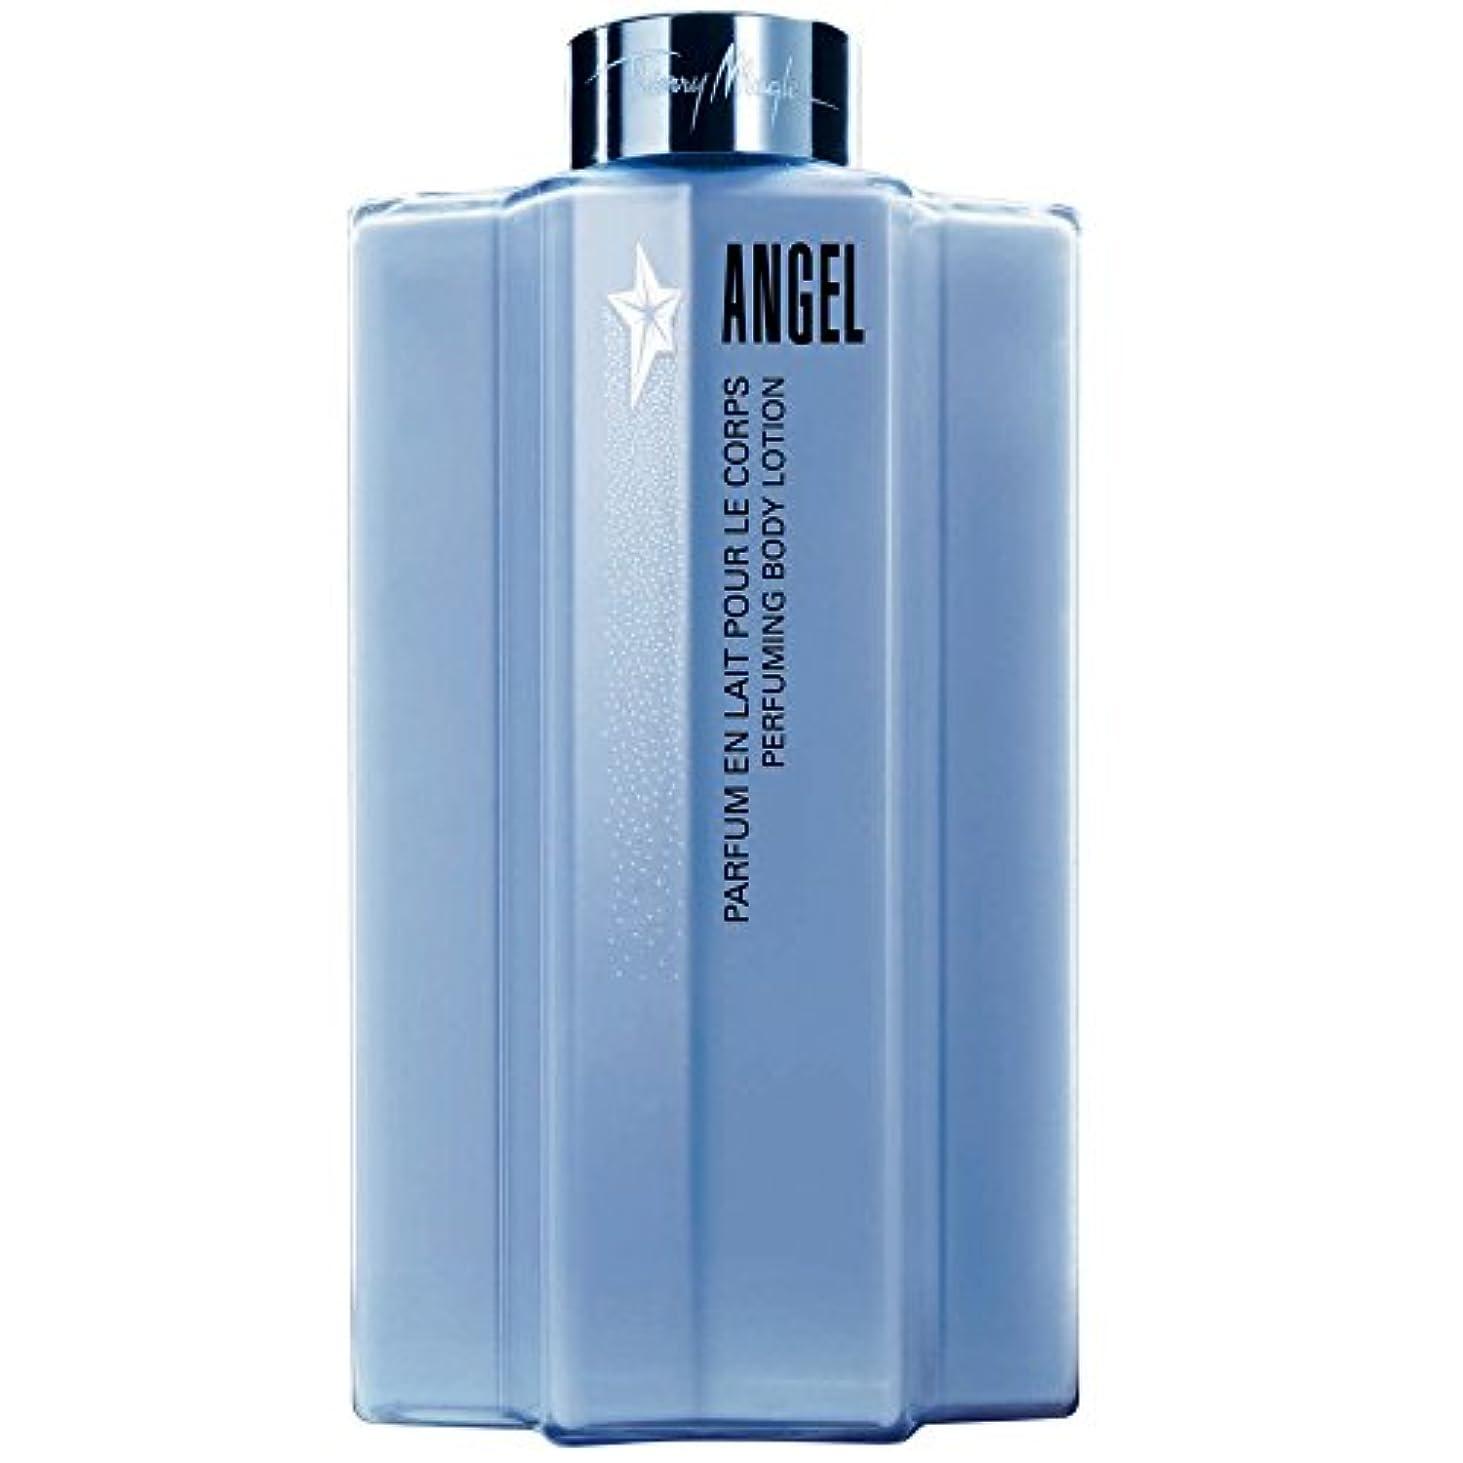 影響力のある潜水艦ようこそティエリー?ミュグレー天使のボディローション (Thierry Mugler) (x2) - Thierry Mugler Angel Body Lotion (Pack of 2) [並行輸入品]